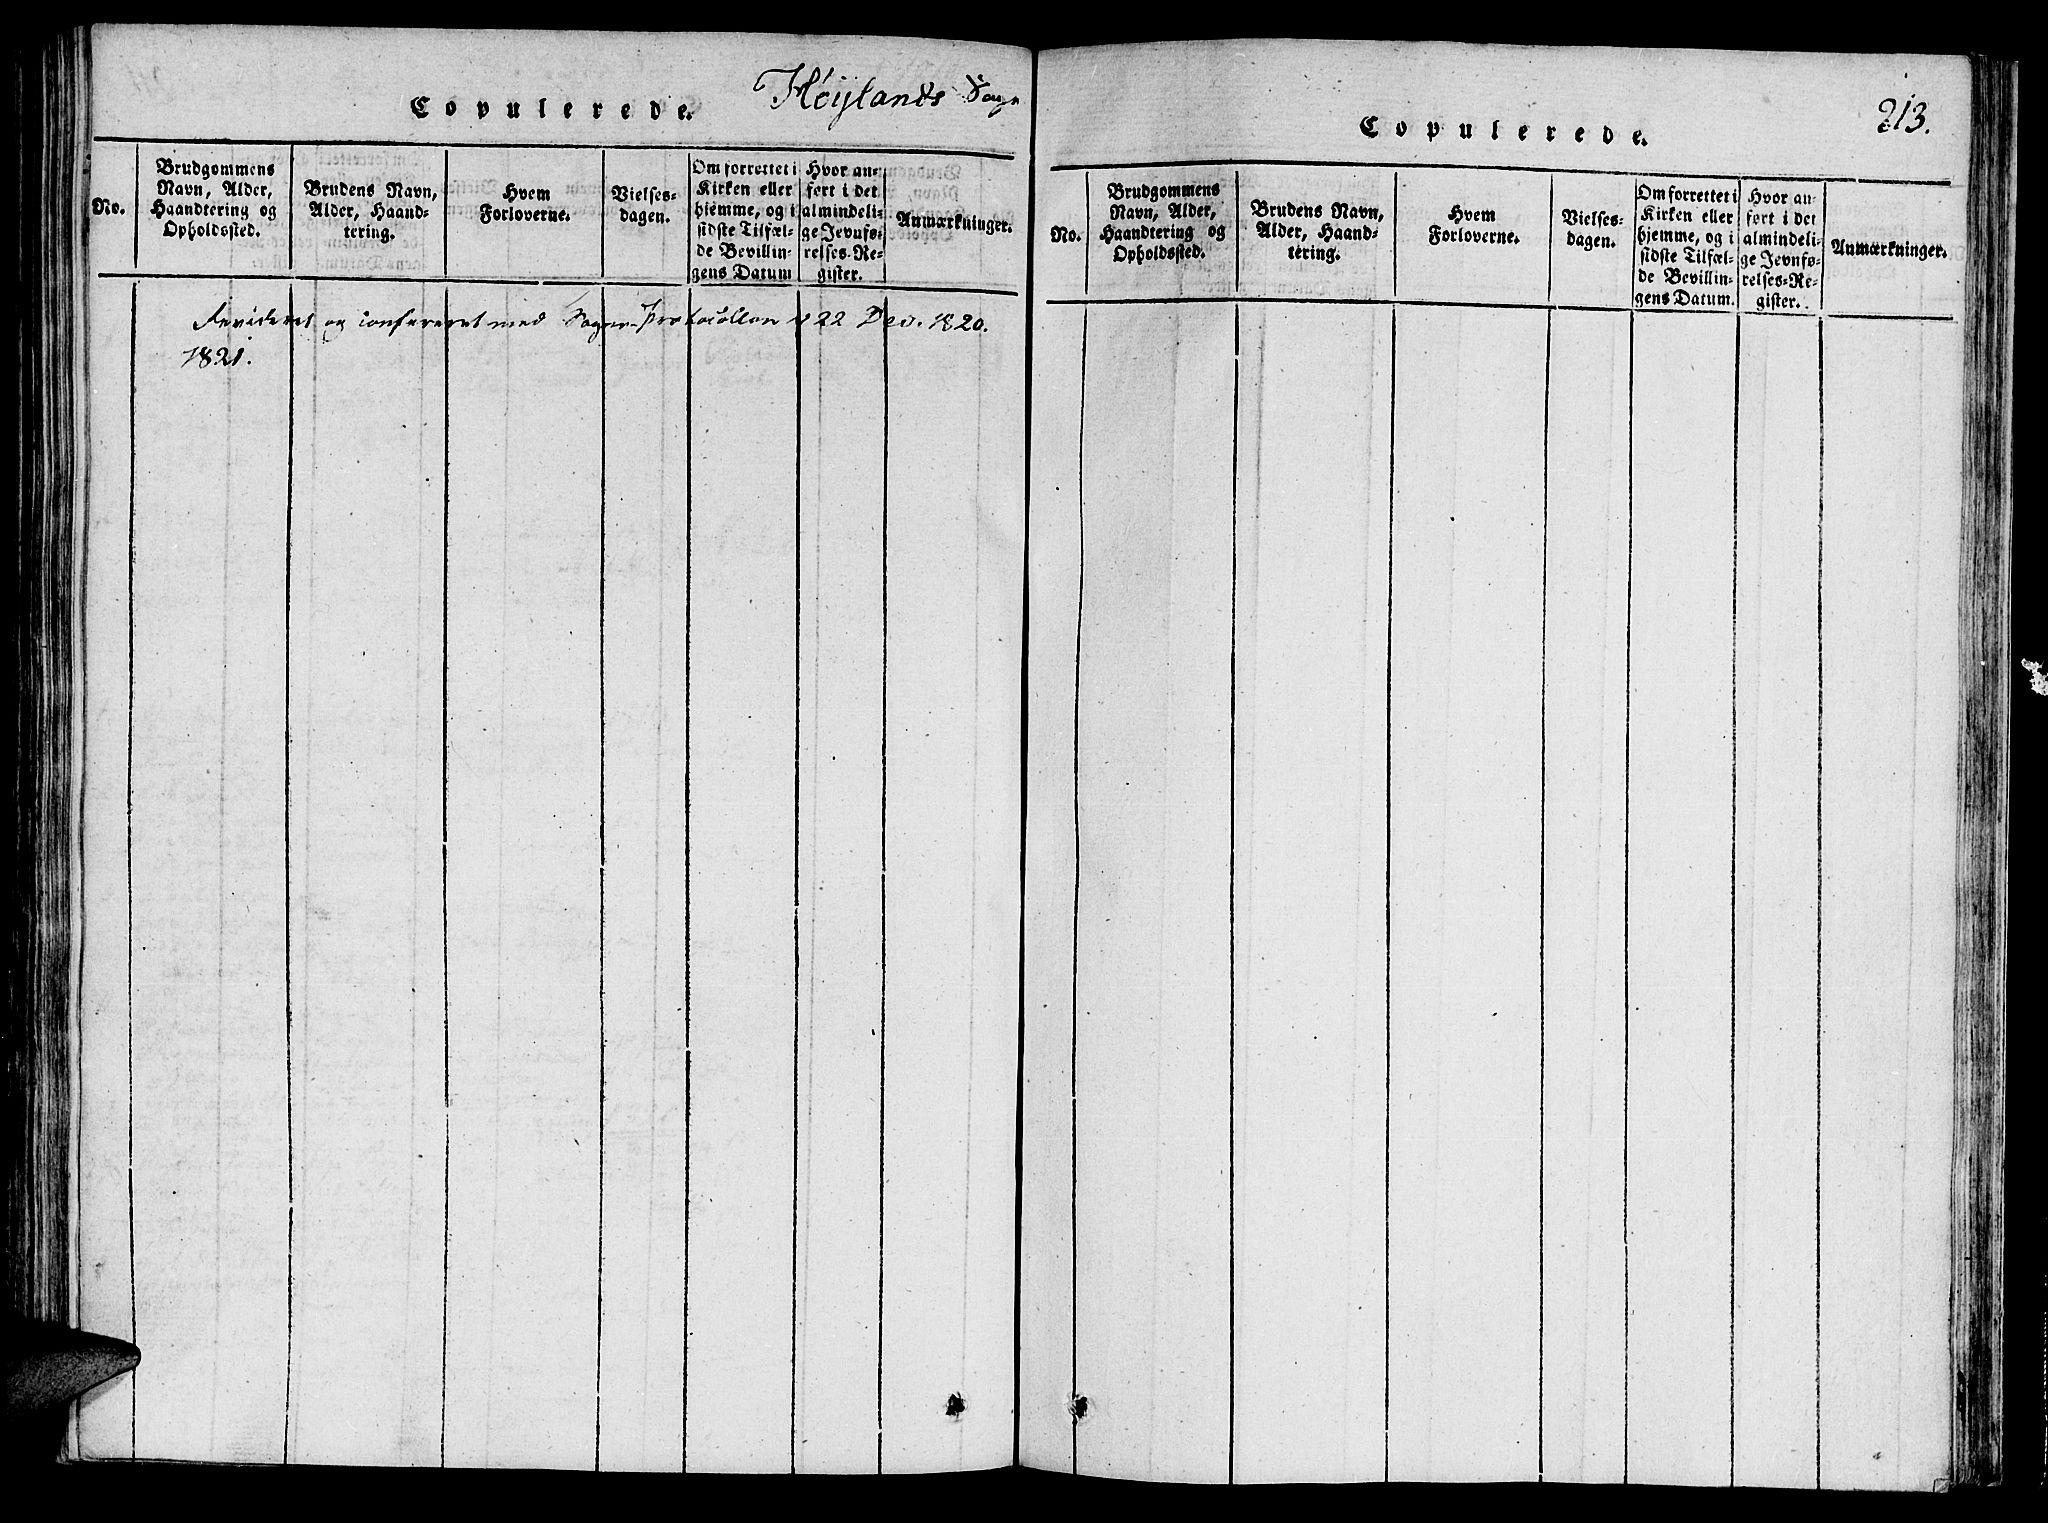 SAT, Ministerialprotokoller, klokkerbøker og fødselsregistre - Nord-Trøndelag, 764/L0546: Ministerialbok nr. 764A06 /3, 1817-1821, s. 213